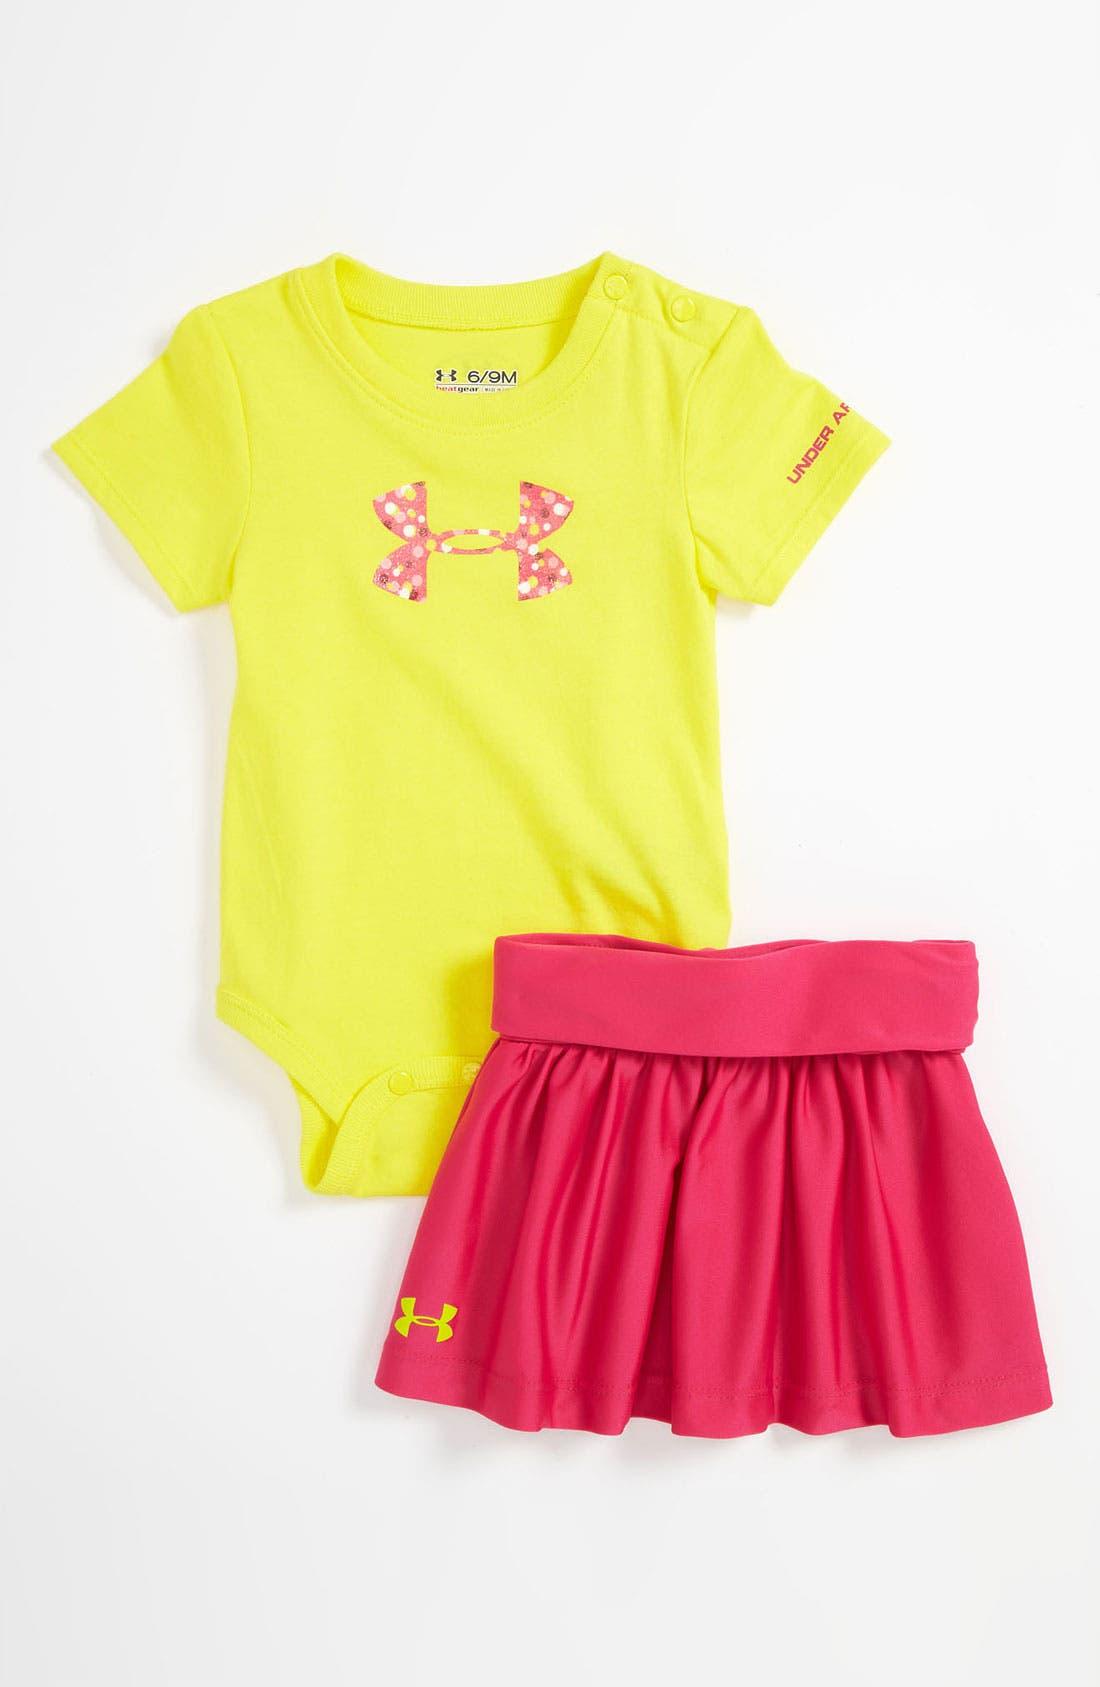 Alternate Image 1 Selected - Under Armour Bodysuit & Skirt (Infant)